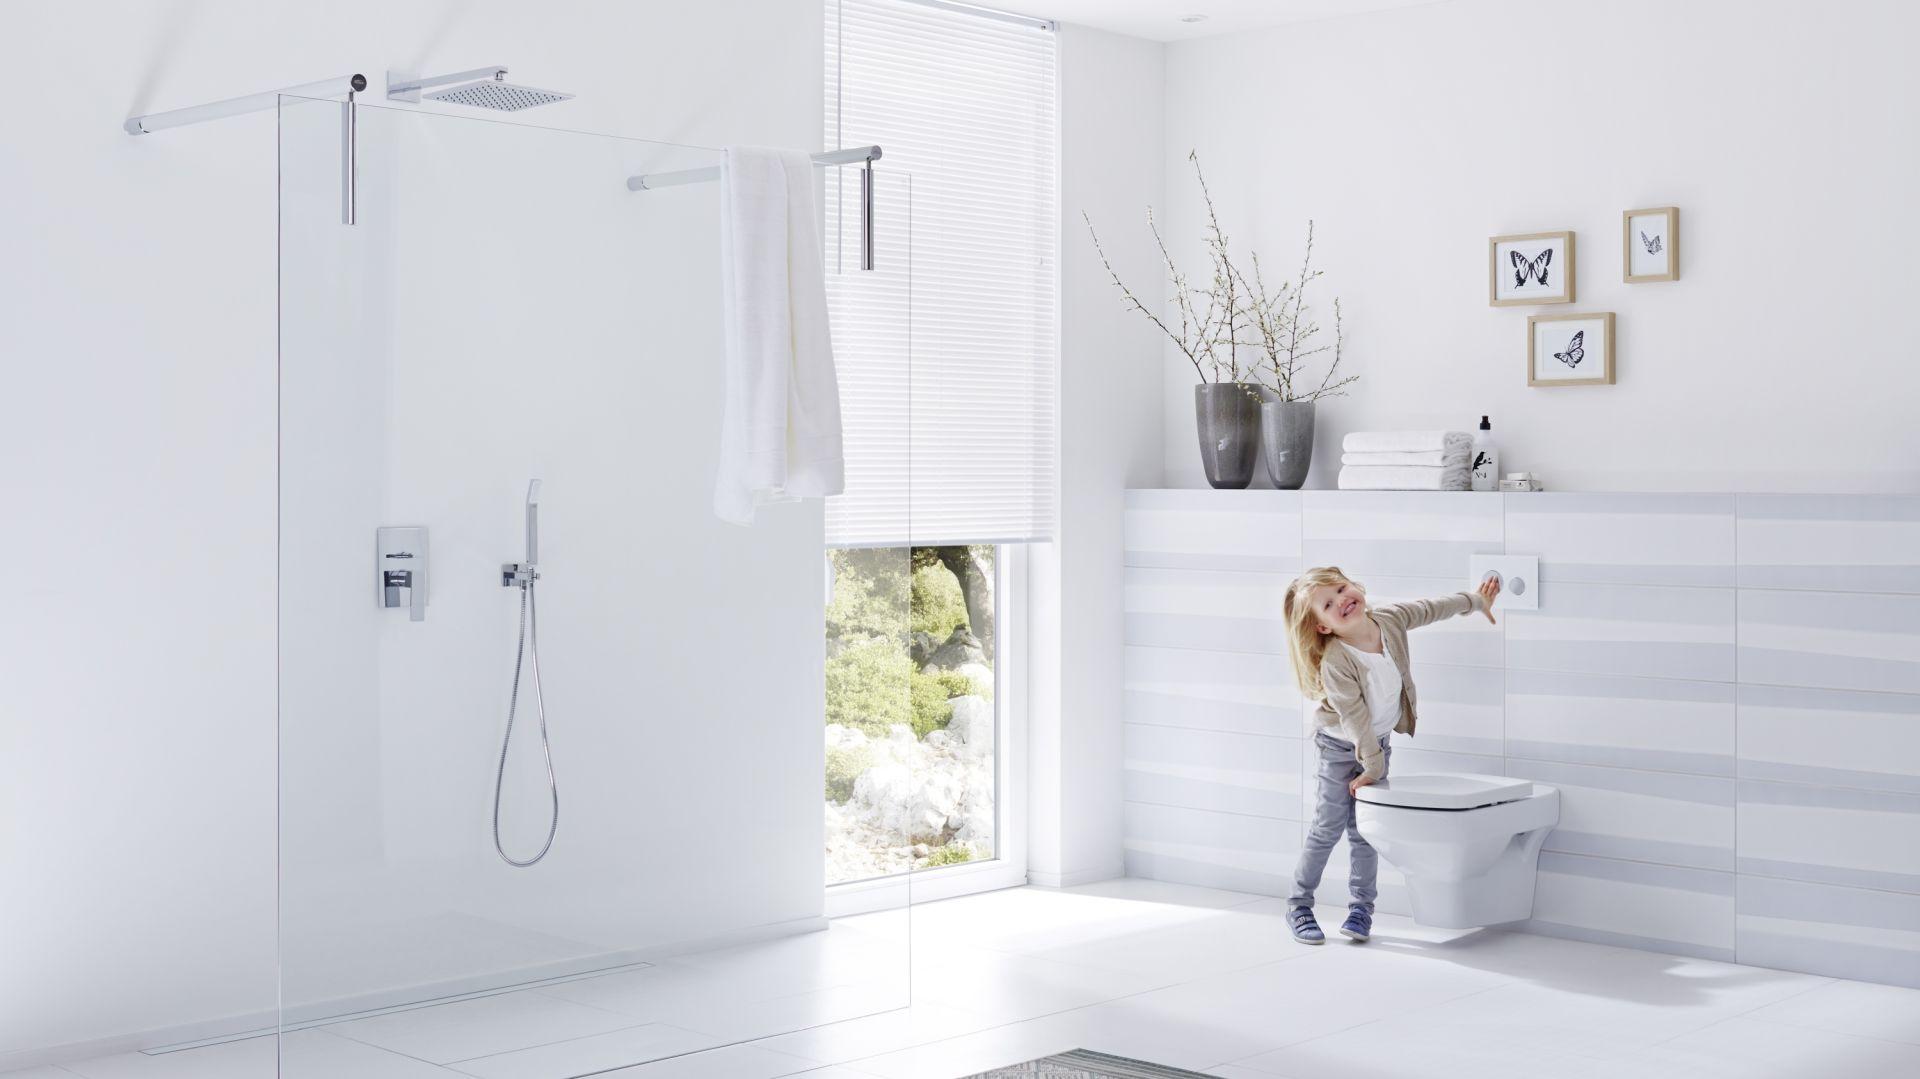 Mówiąc o łazience bliskiej użytkownikom mamy na myśli przede wszystkim pomieszczenie funkcjonalne. Fot. TECE